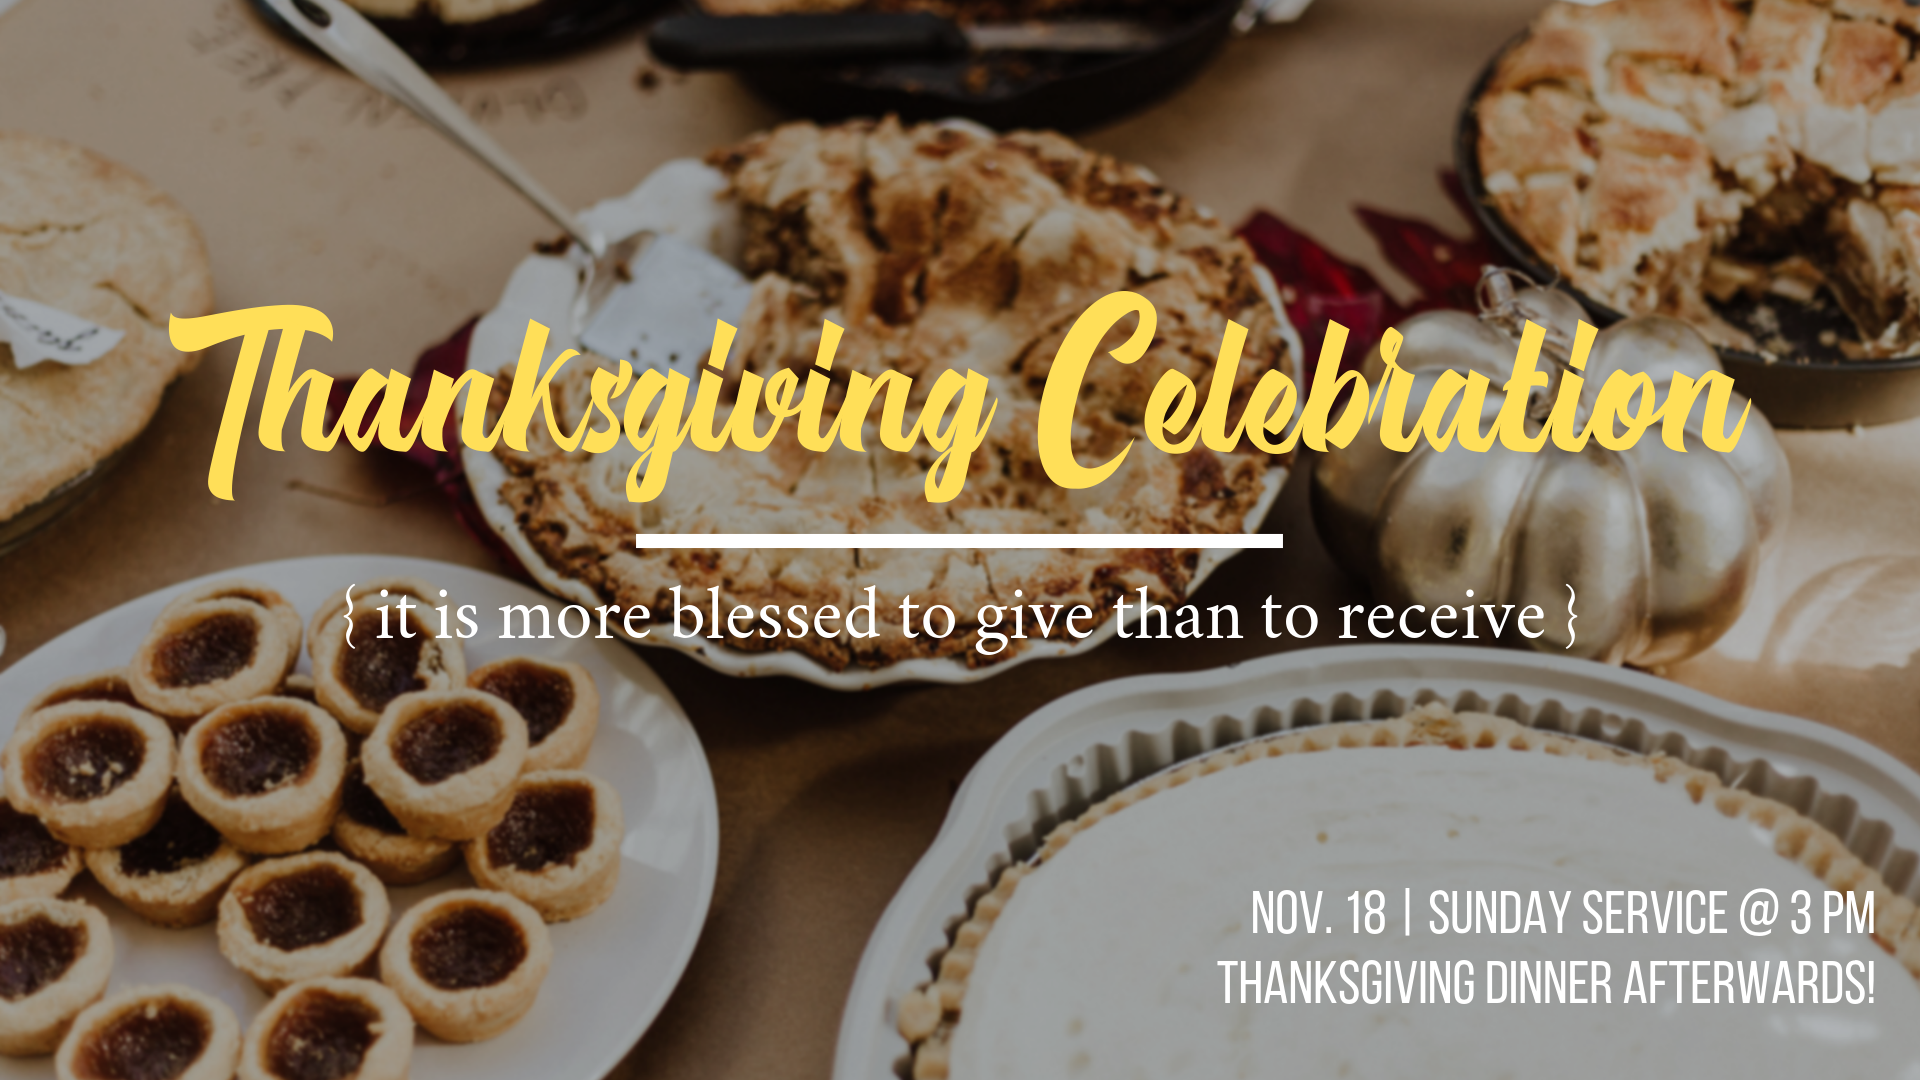 LA_20181118_ThanksgivingCelebration_Splash_CW(2).png